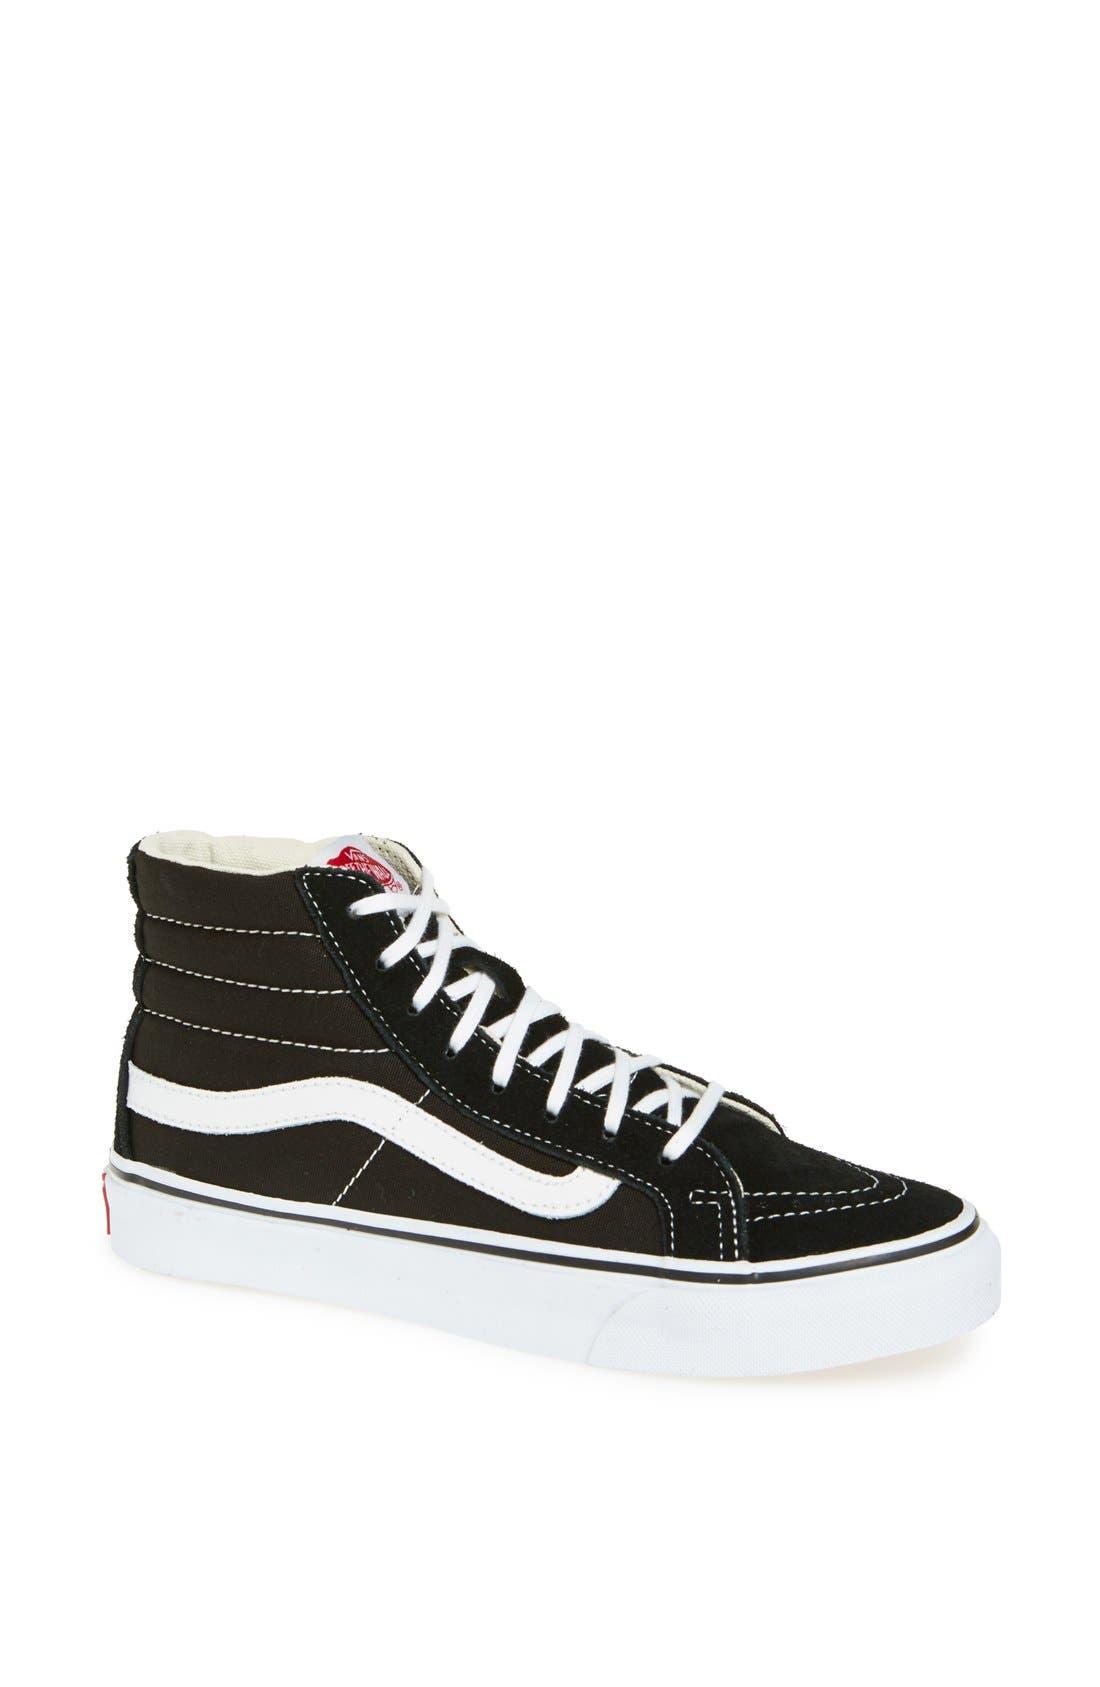 VANS, Sk8-Hi Slim High Top Sneaker, Main thumbnail 1, color, BLACK TRUE WHITE